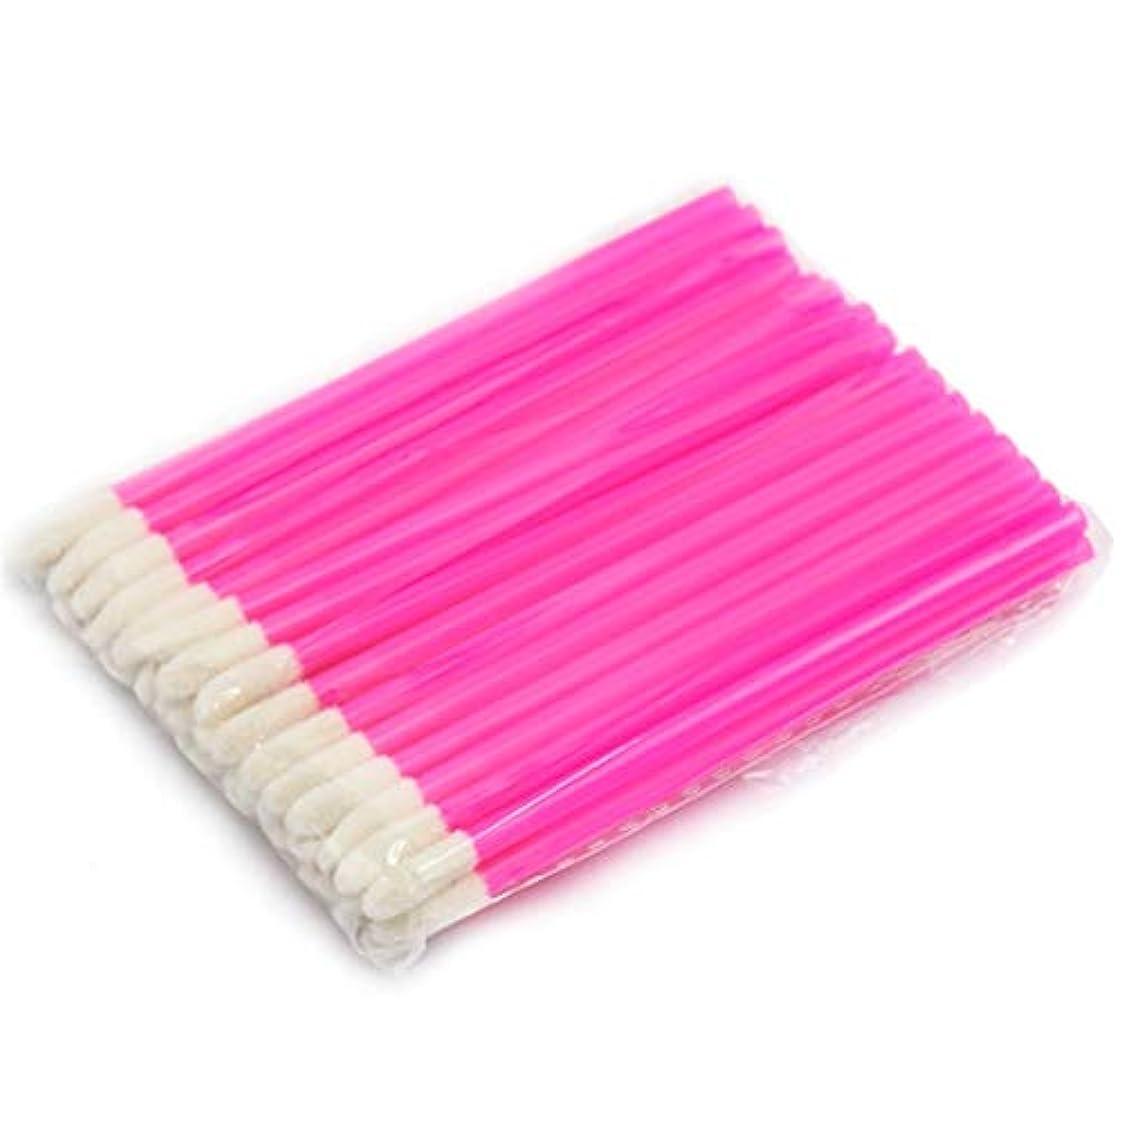 異邦人鉱石褒賞Makeup brushes 使い捨て化粧リップブラシ口紅光沢スティックアプリケーター化粧ツールファッションデザイン-ローズブッシュ suits (Color : Rose)